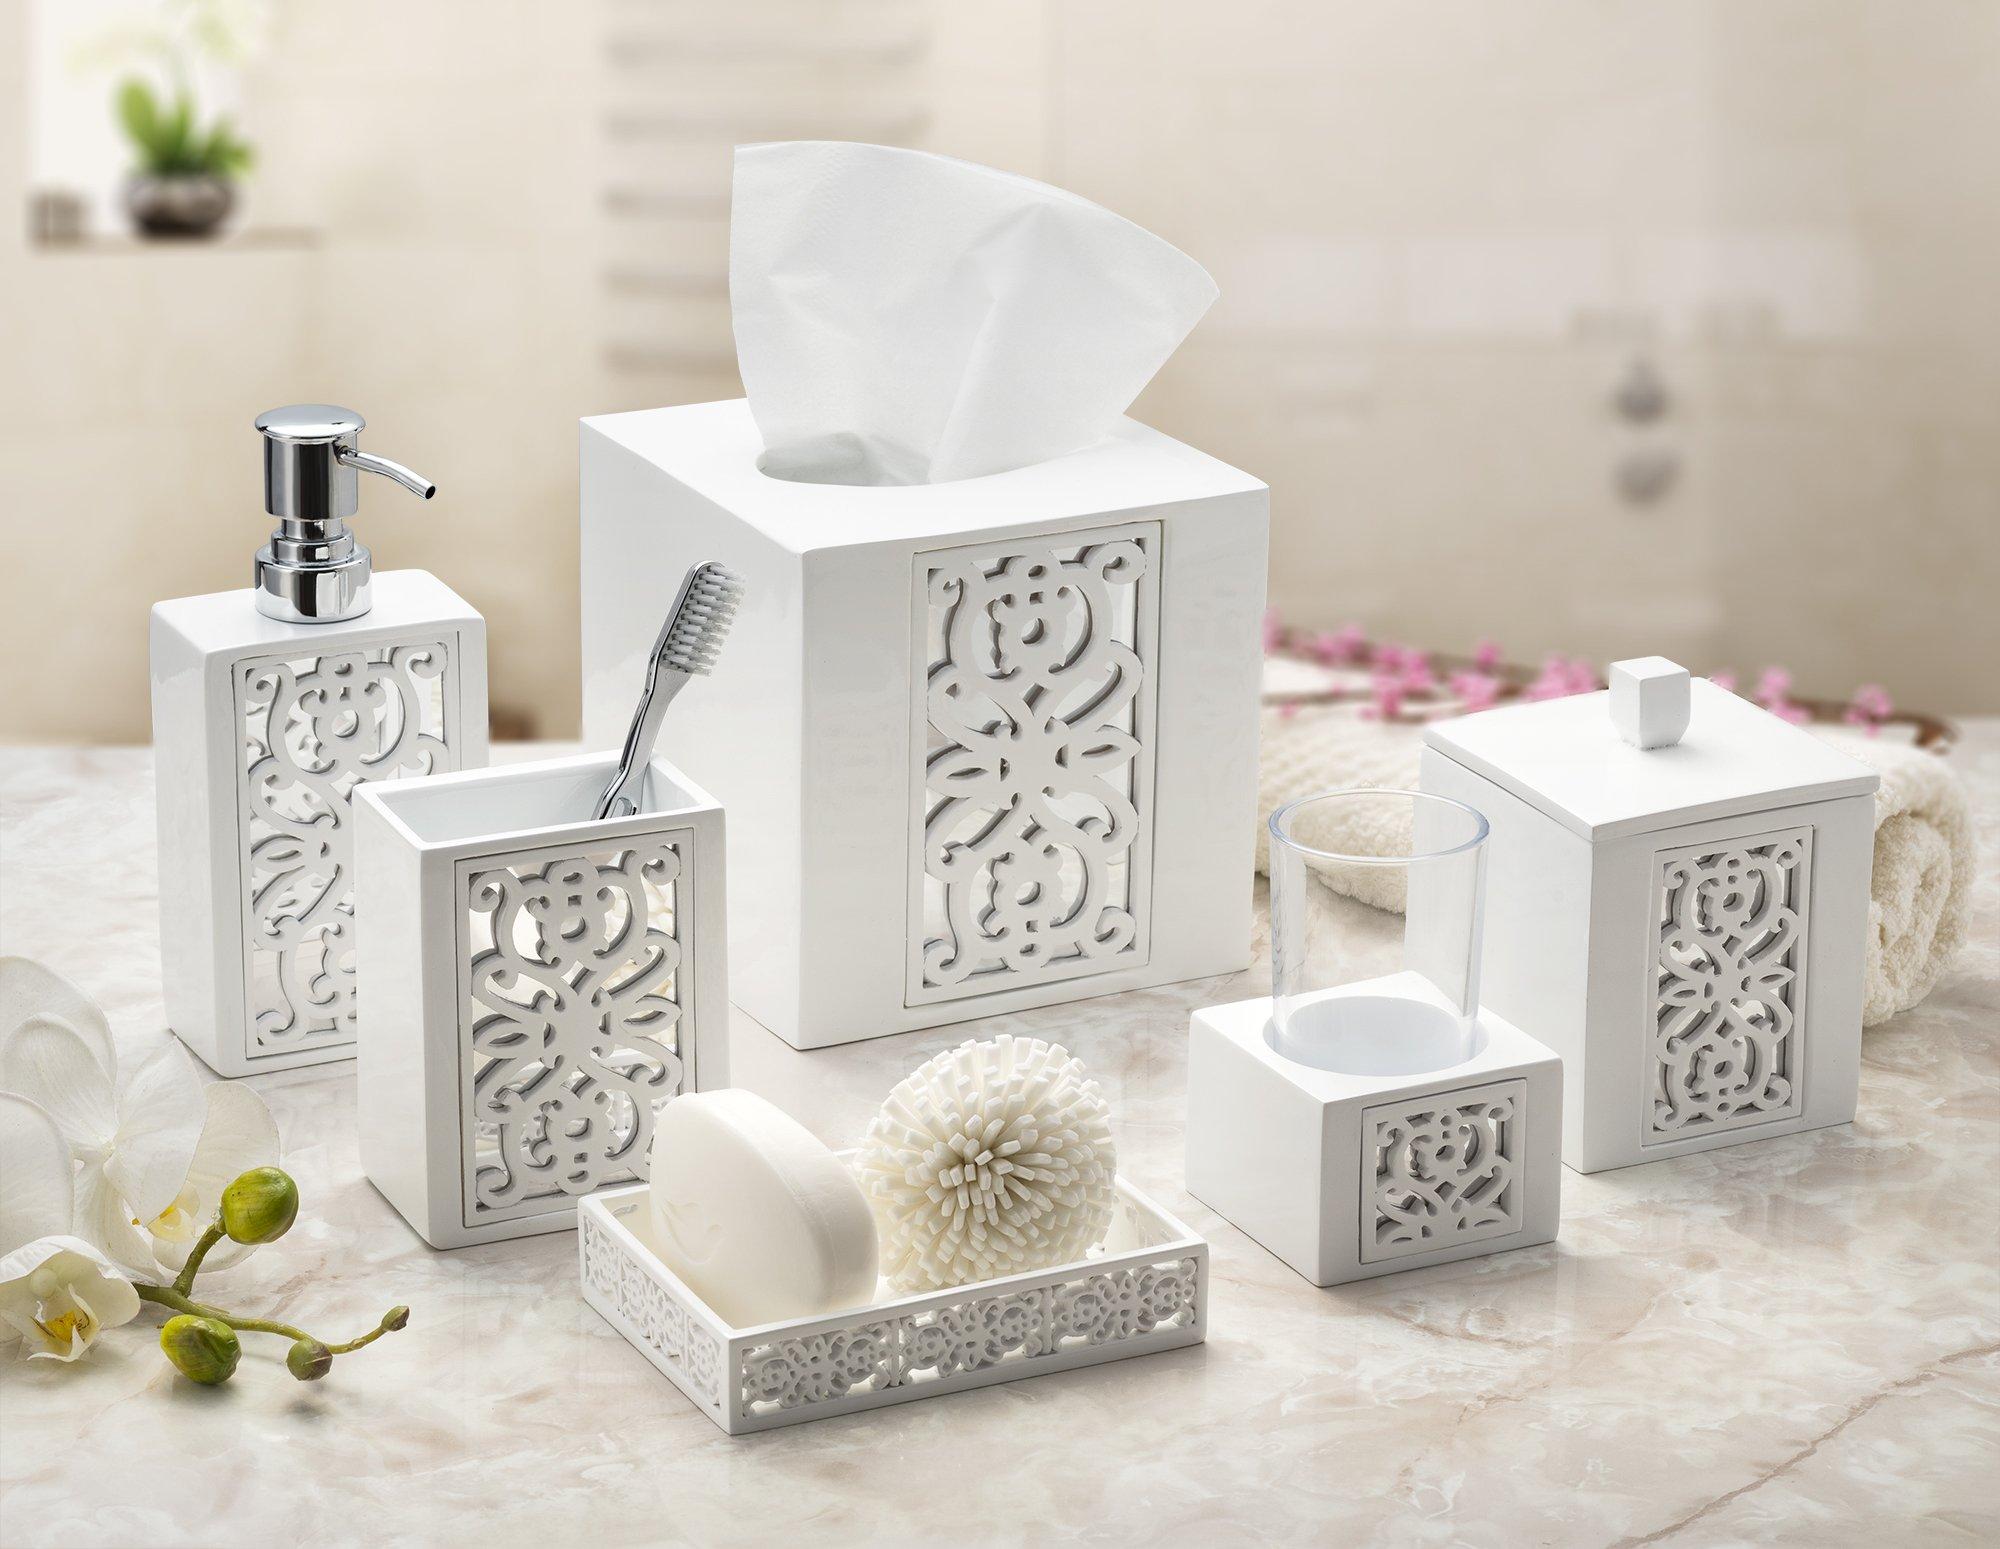 Dwellza Mirror Janette Bathroom Accessories Set, 4 Piece Bath ...